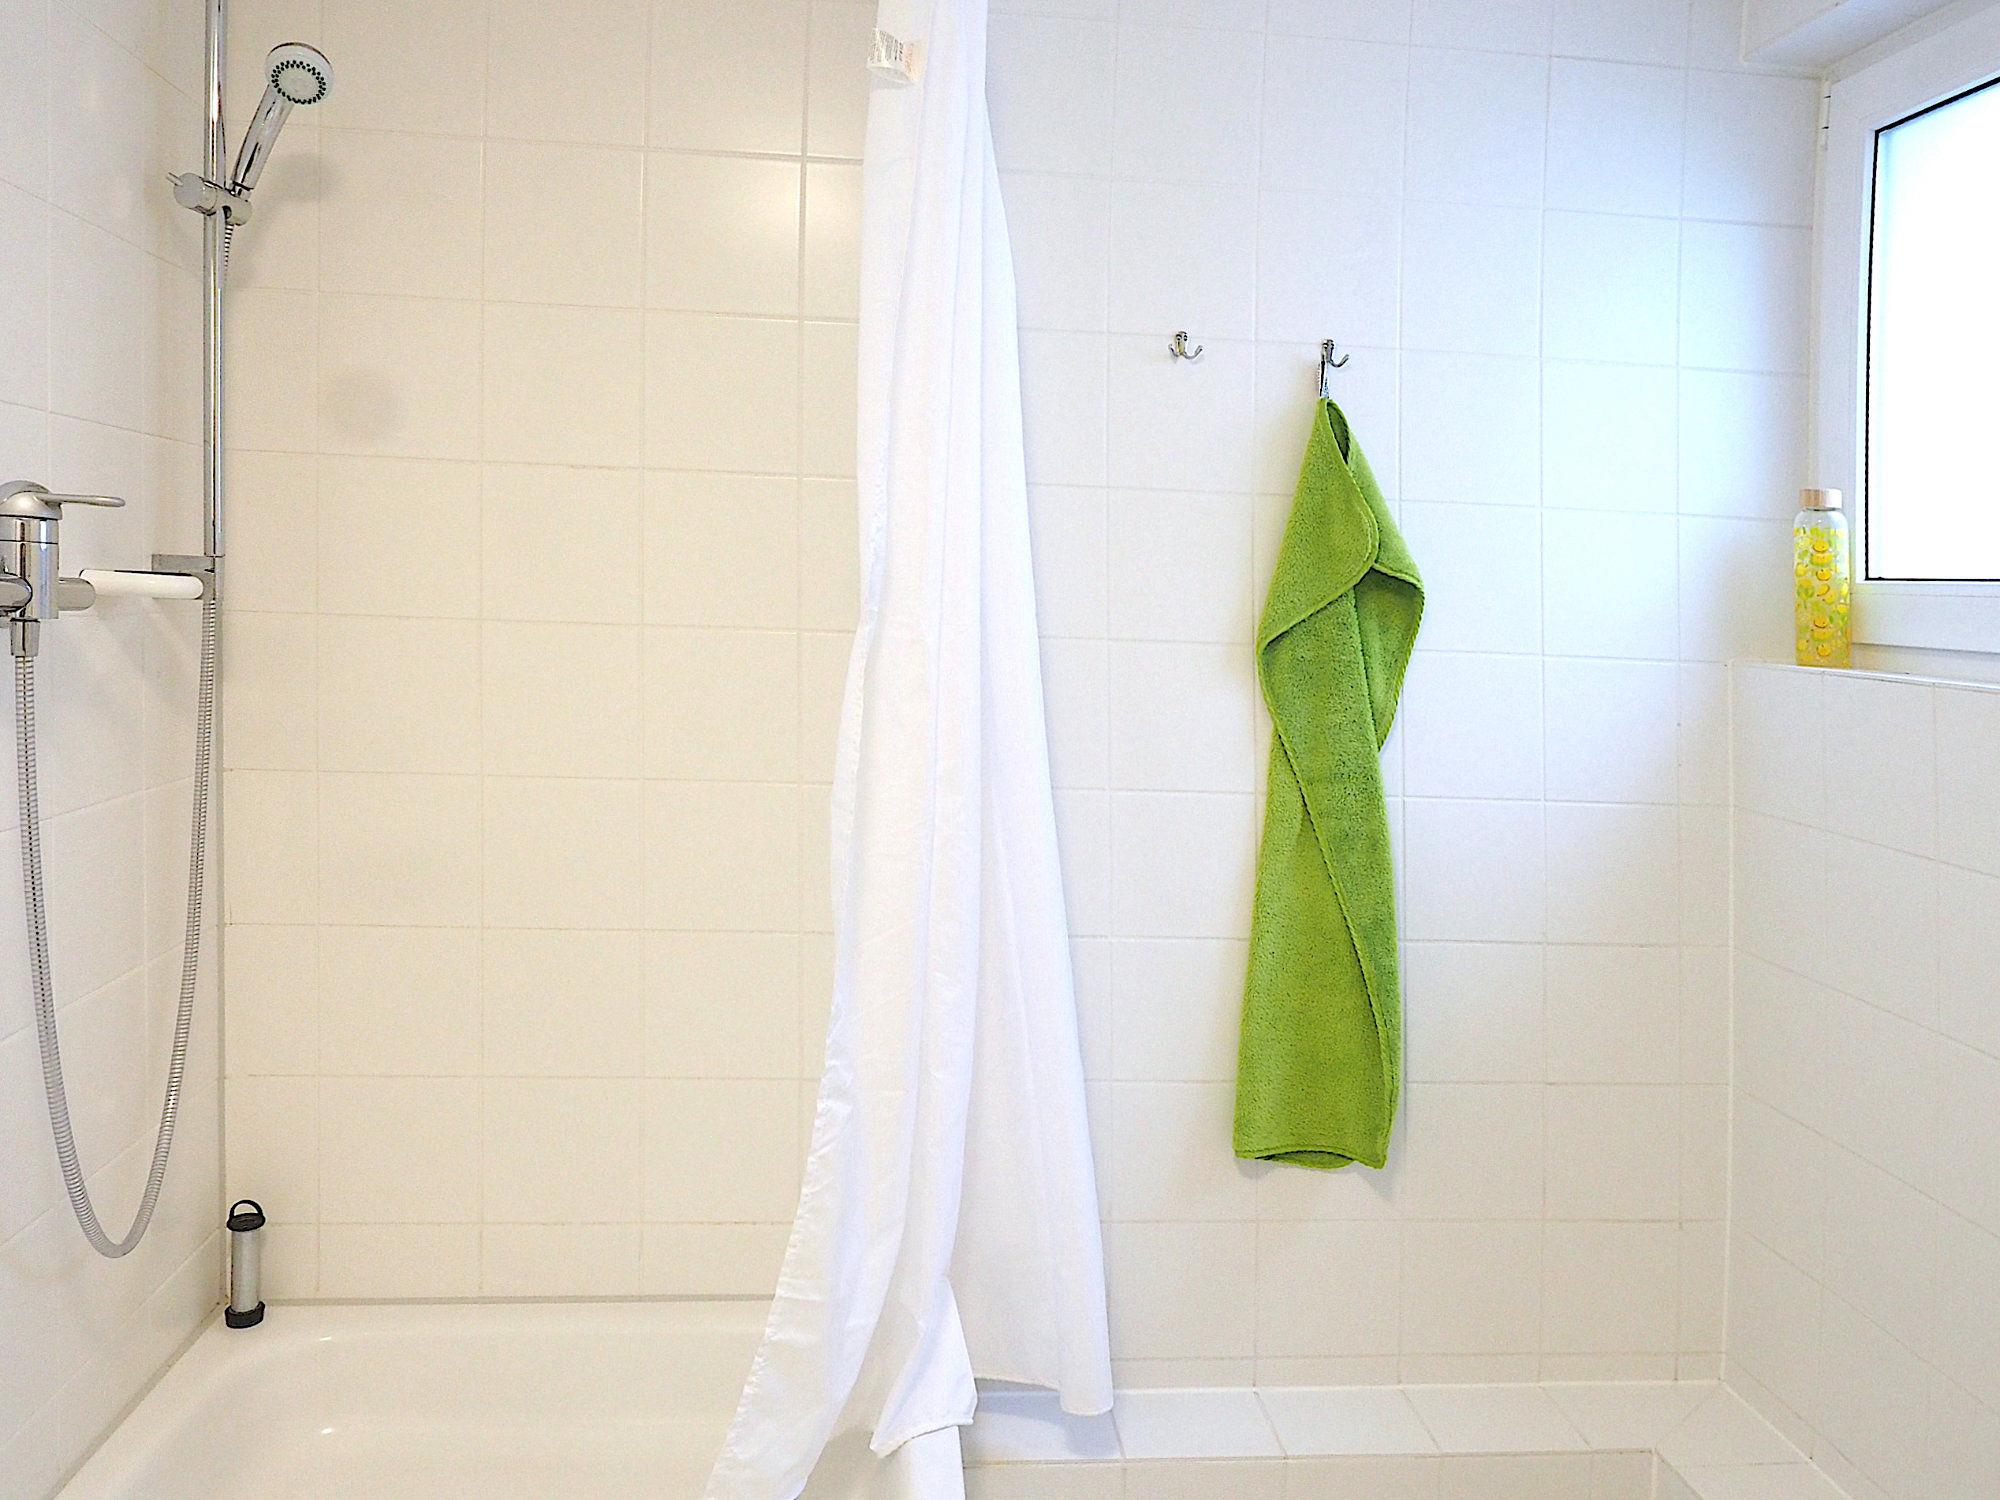 Duschbad, links ist eine Dusche, rechts davon ein Fenster